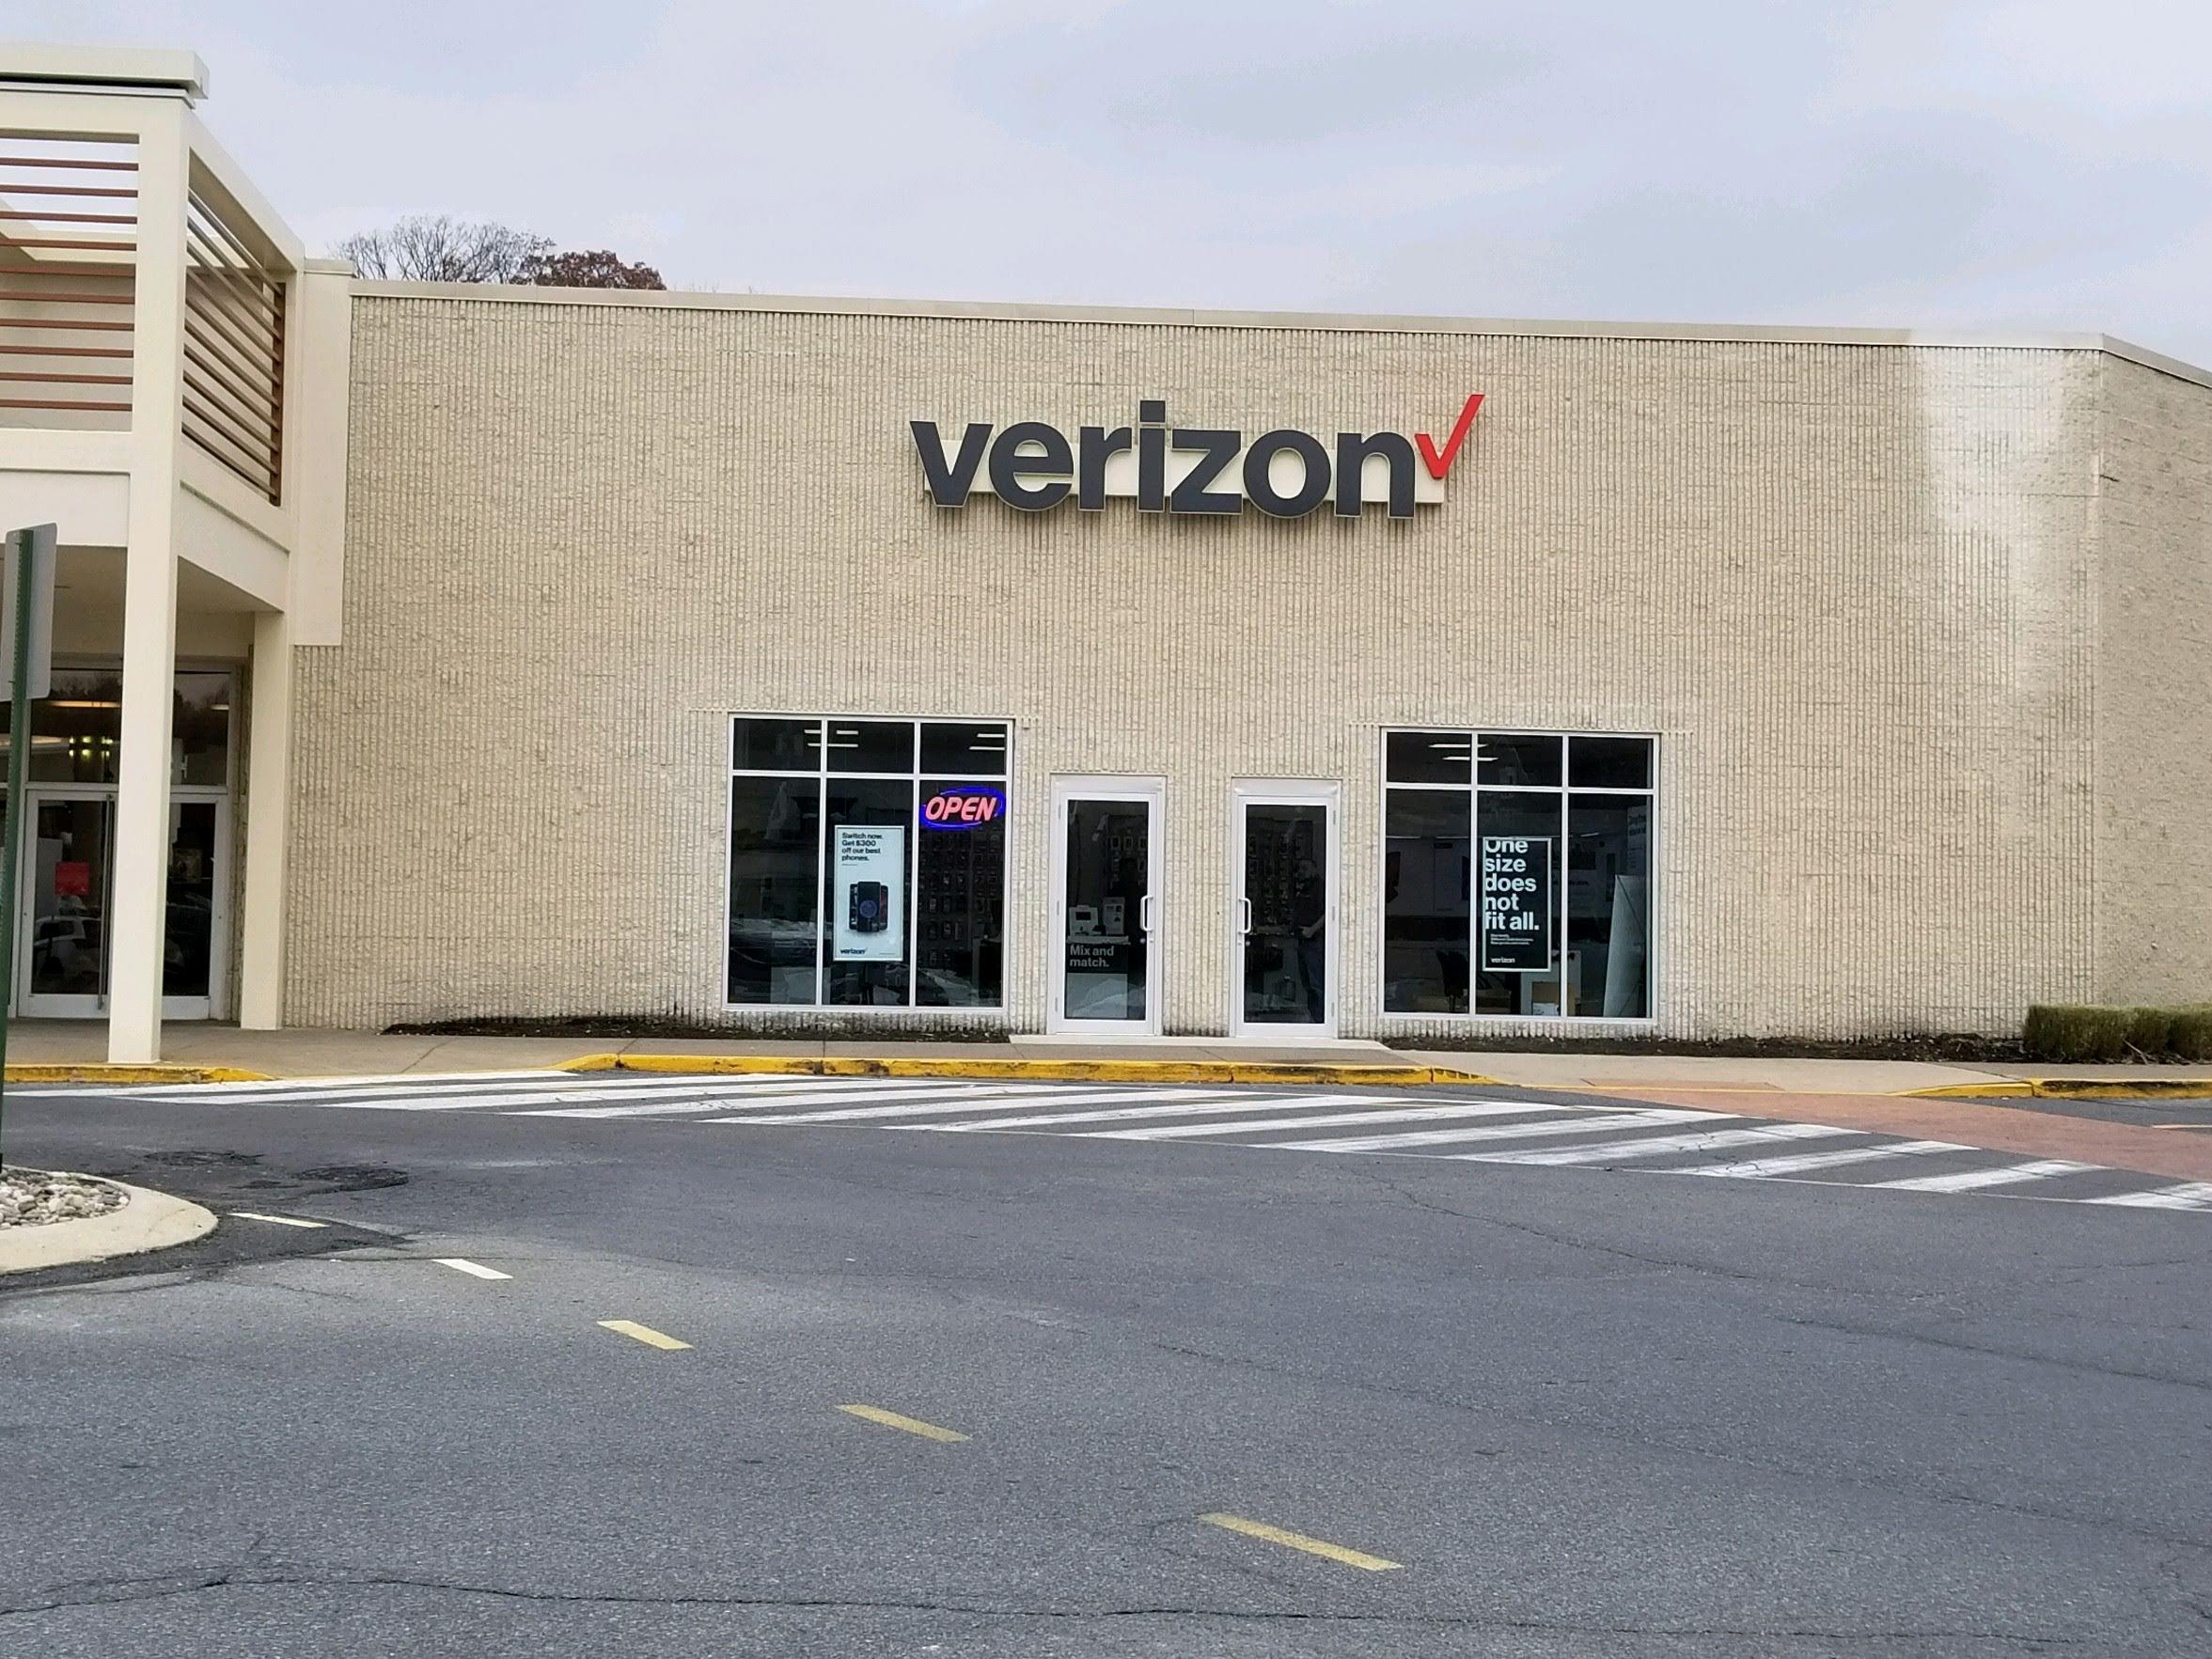 Verizon Authorized Retailer – Palmer Park store image